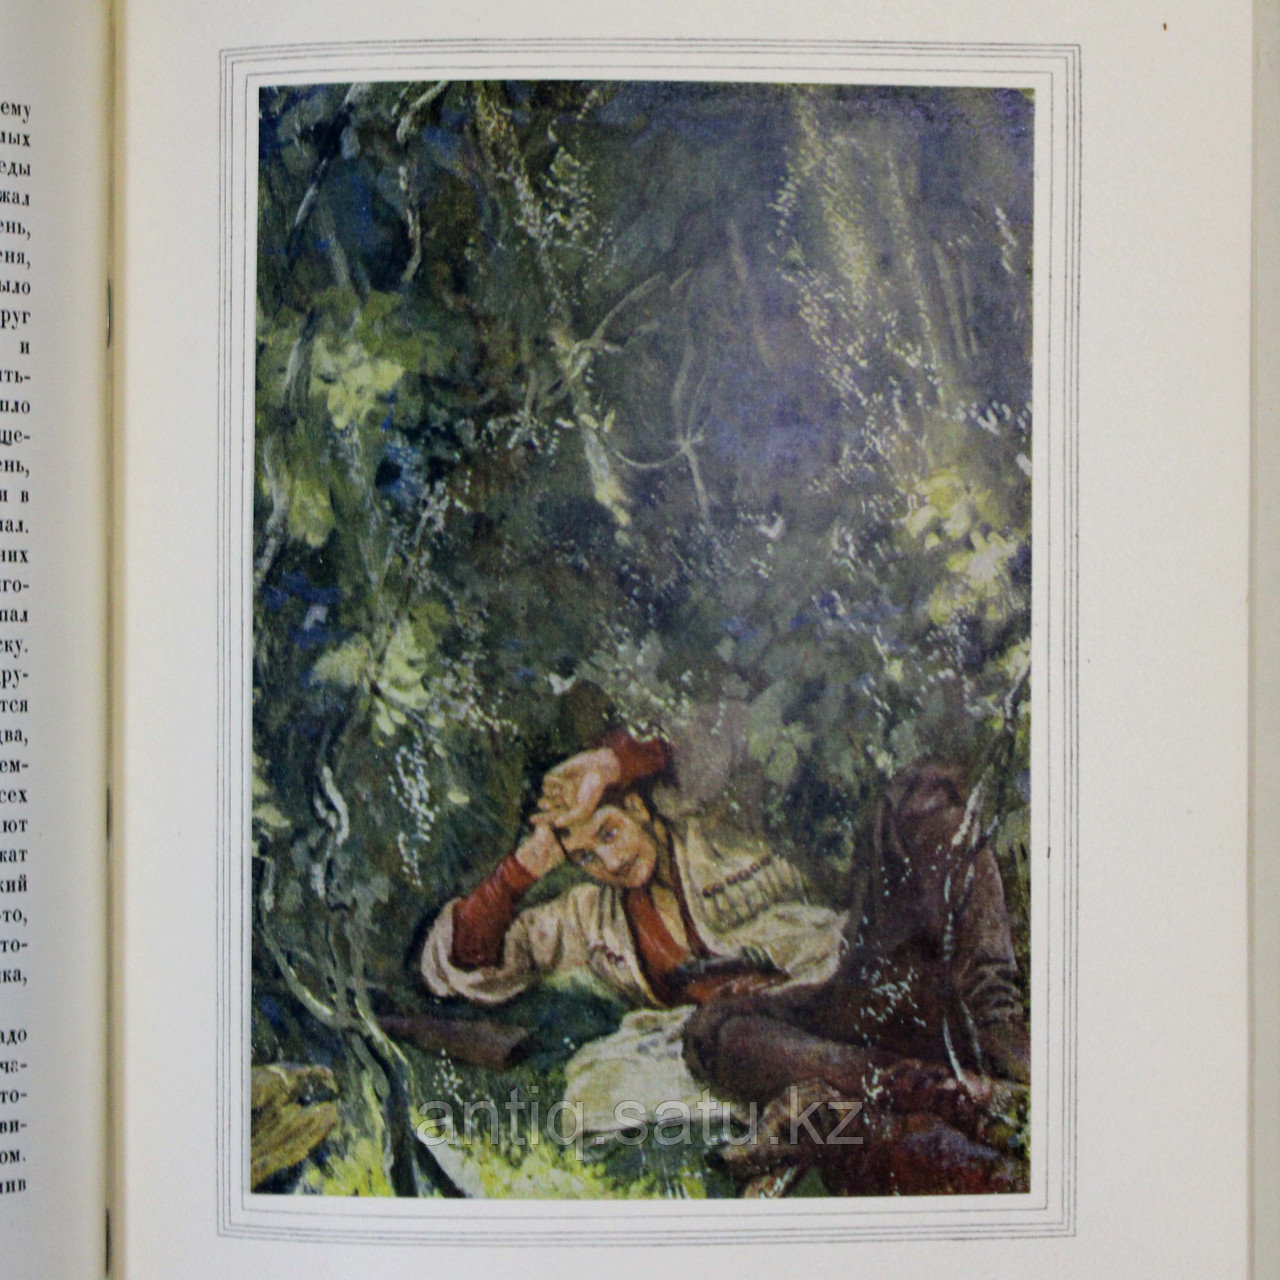 Л. Н. ТОЛСТОЙ. ПОВЕСТЬ «КАЗАКИ» Лев Николаевич Толстой (1828-1910). - фото 8